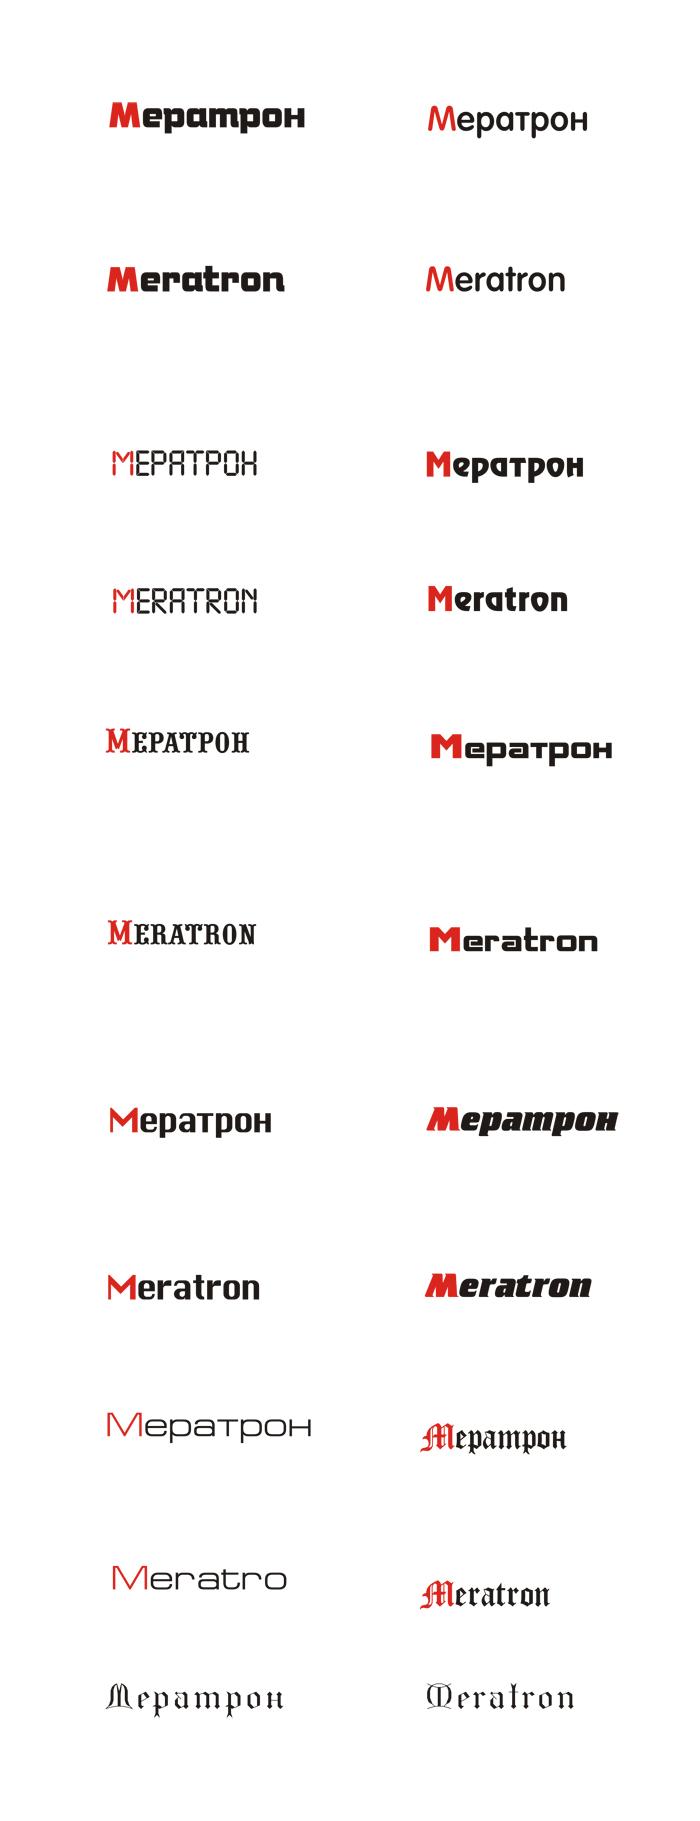 Разработать логотип организации фото f_4f100b28043a6.jpg